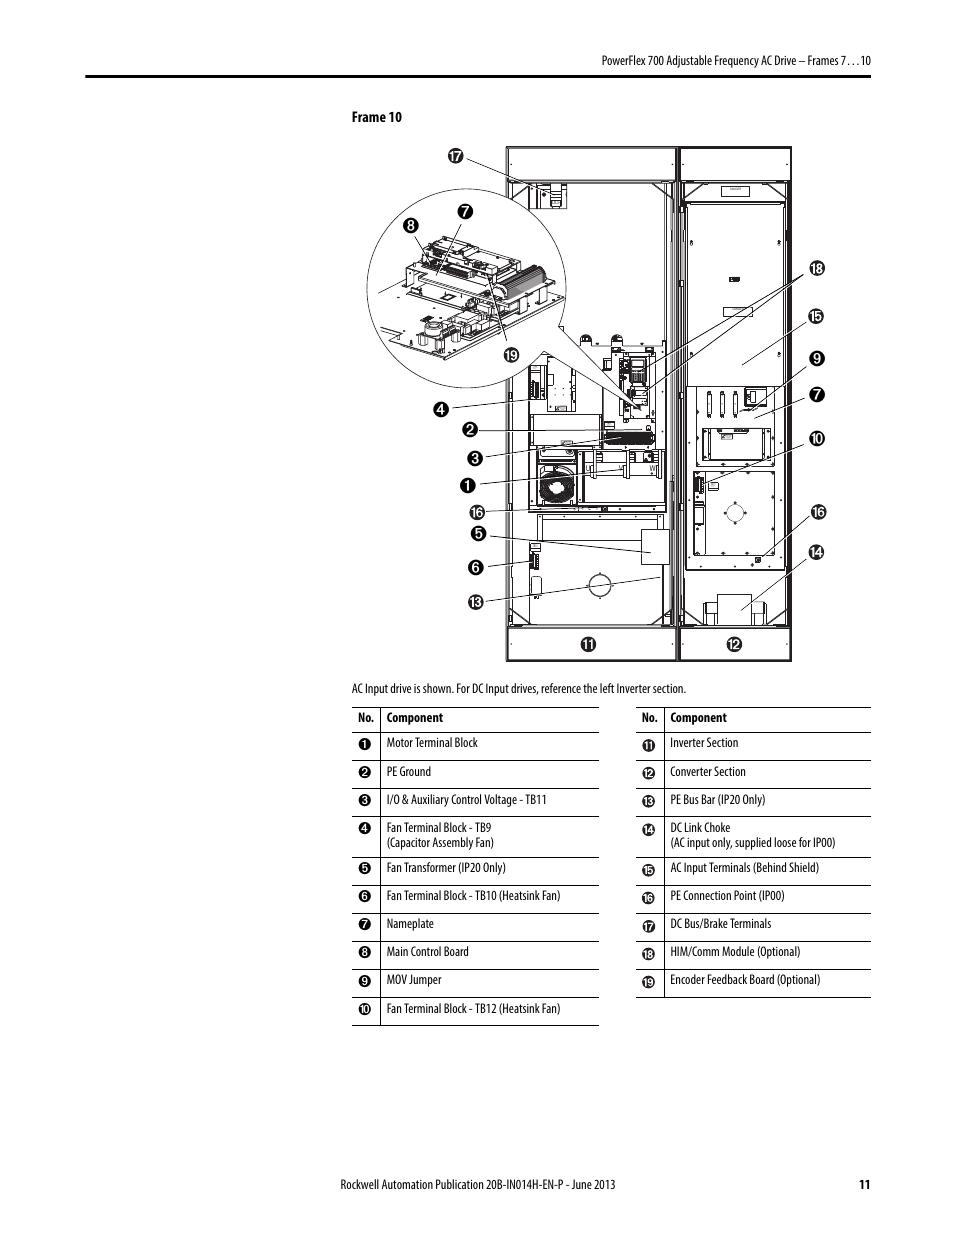 Trauslen Wiring Diagram And Schematics Aht232nut Traulsen Freezer Library Source